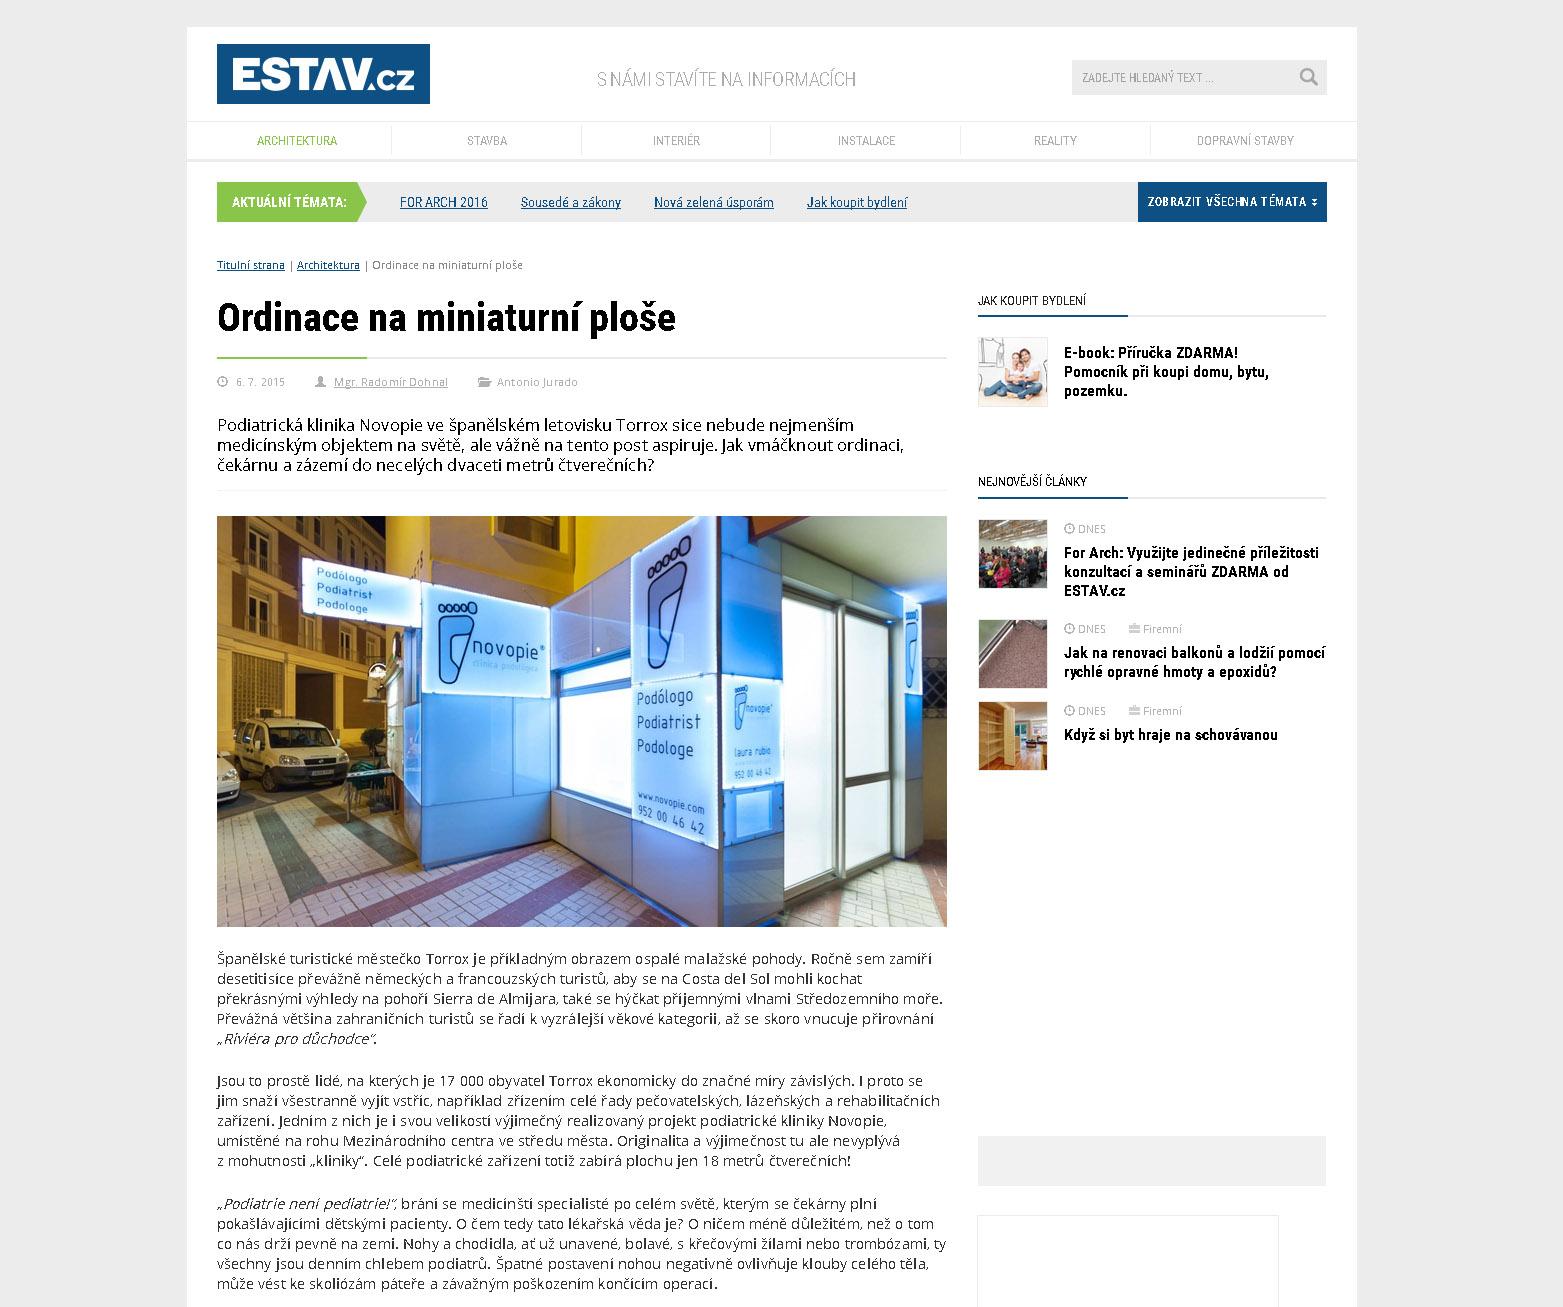 ESTAV-estudio-de-arquitectura-antonio-jurado-architect-czech-republic